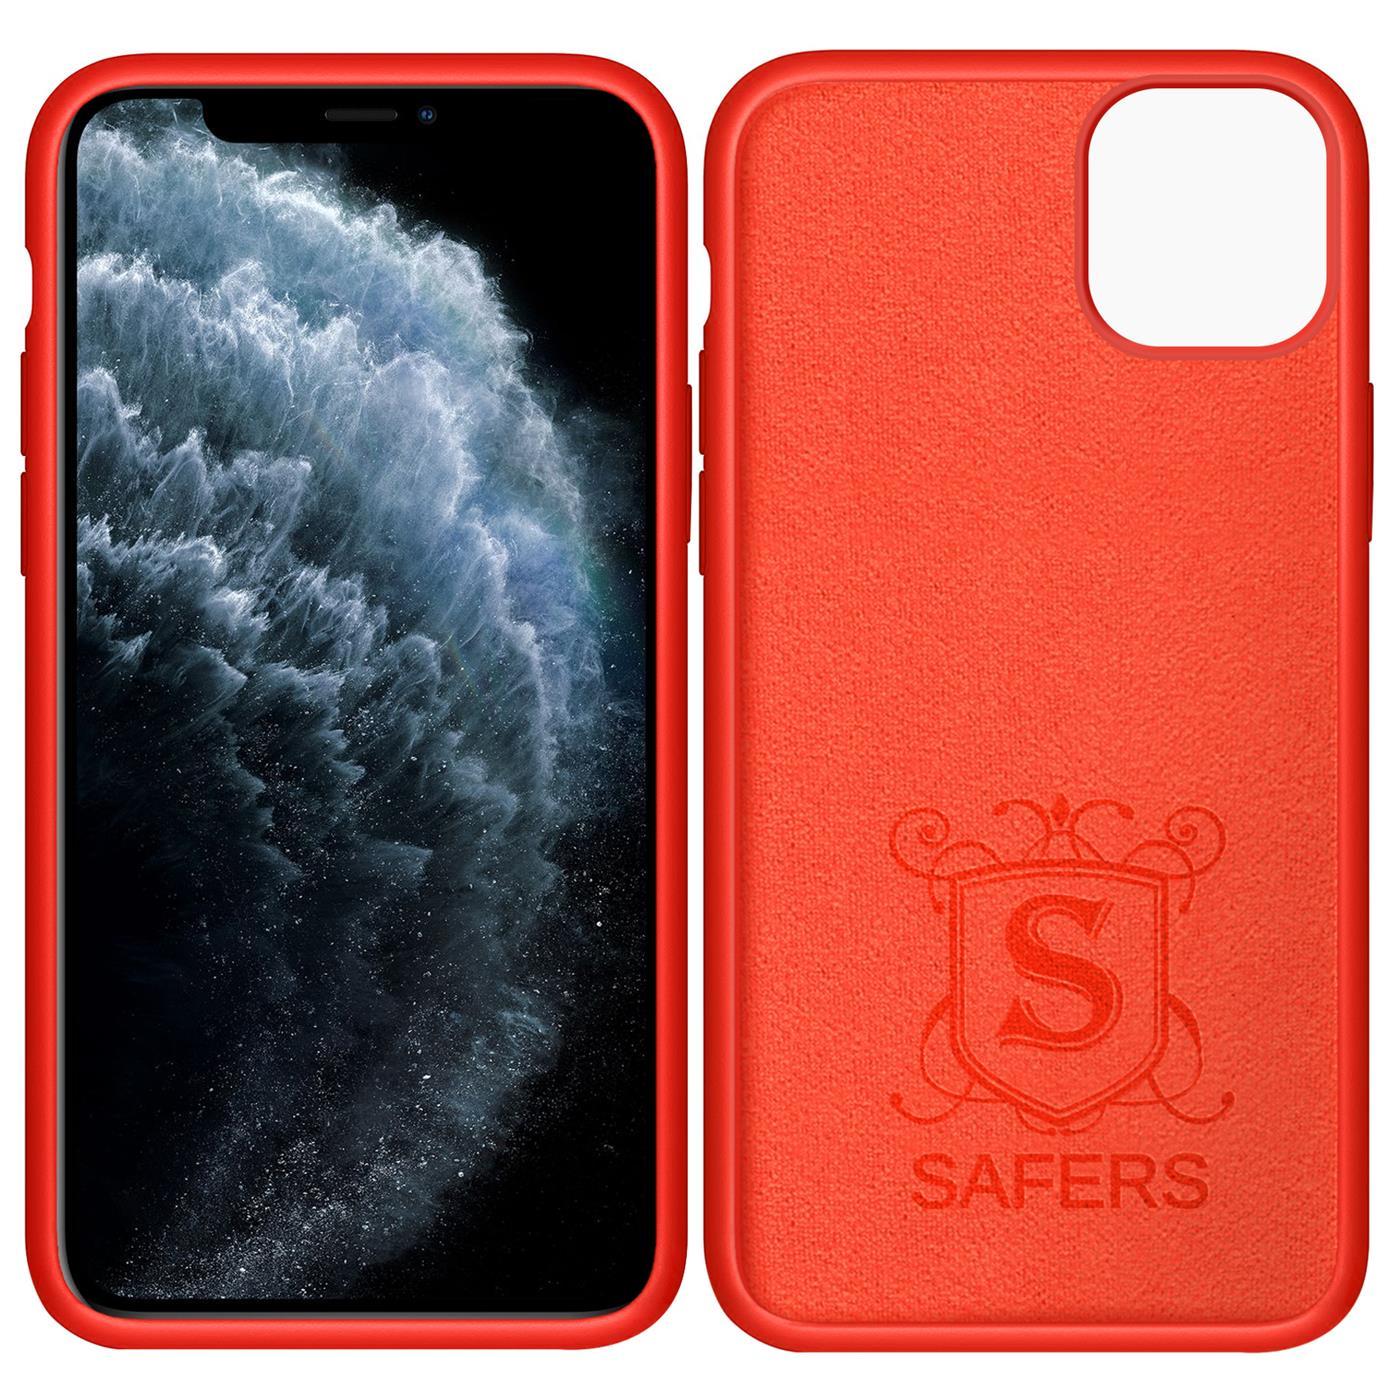 Silikon-Huelle-Schutzhuelle-Handy-Tasche-Handyhuelle-Slim-Case-Cover-Duenn-matt-Etui Indexbild 16